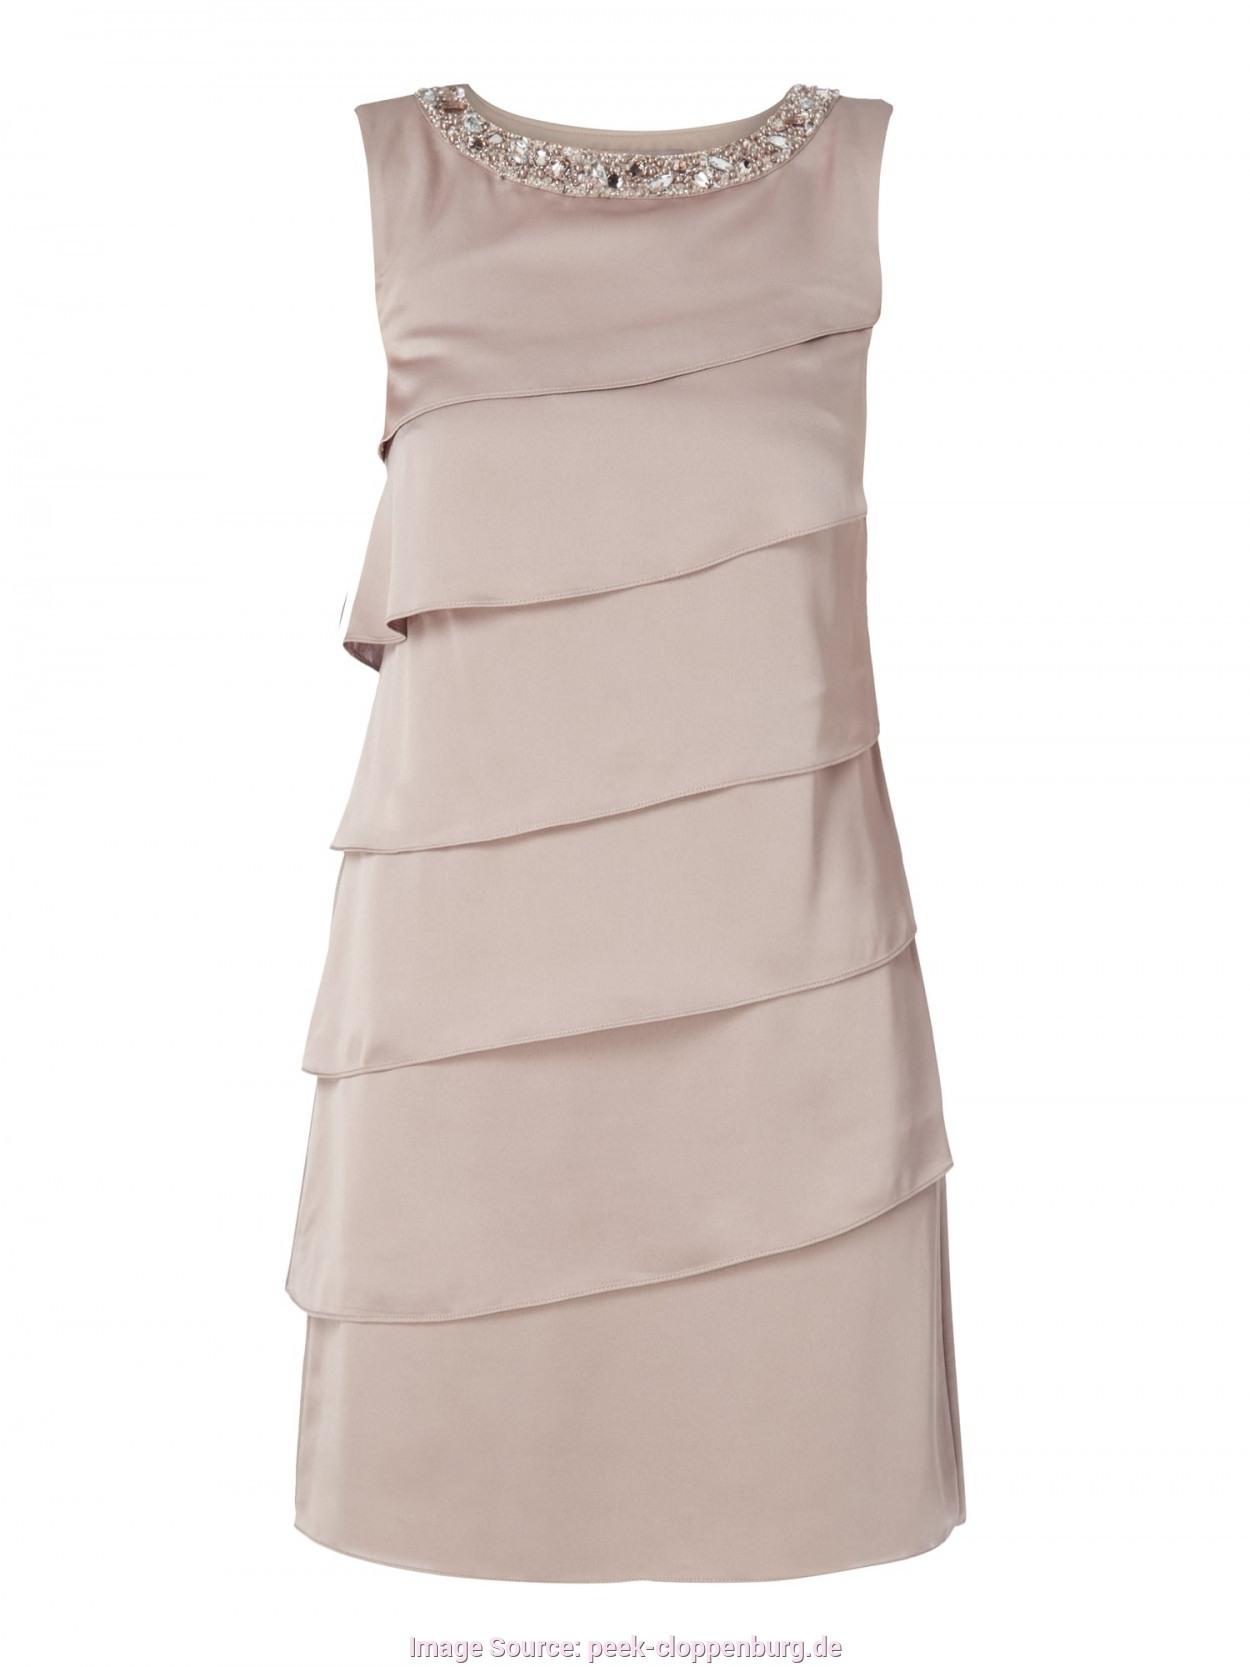 10 Schön Kleider Größe 48 Spezialgebiet17 Luxus Kleider Größe 48 Design